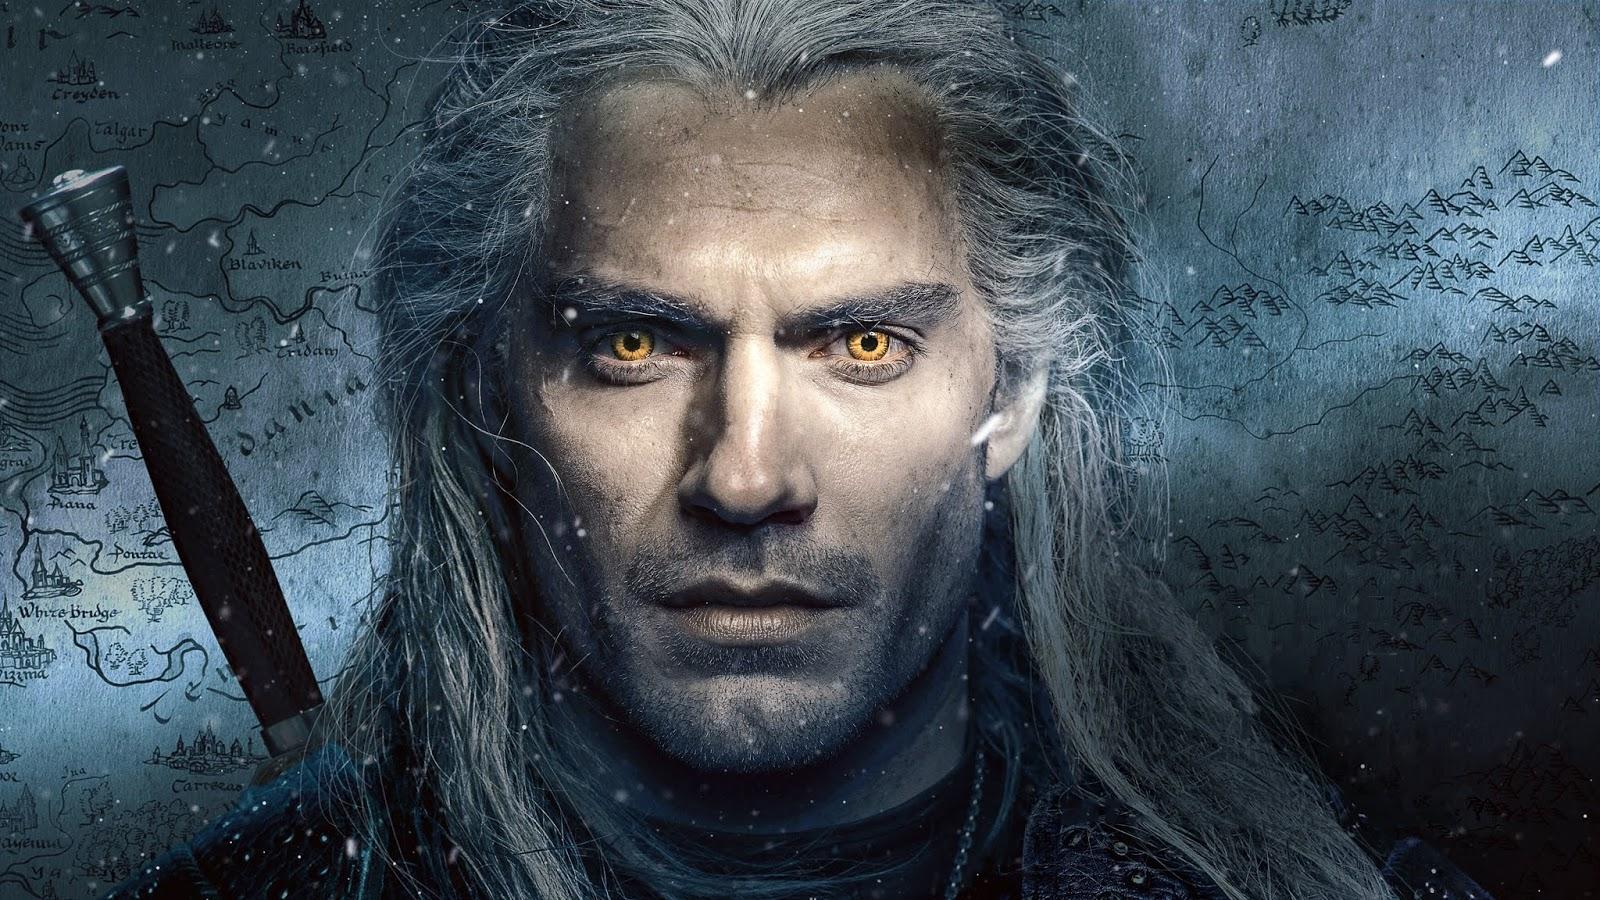 Henry Cavill The Witcher Netflix Wallpaper 4k